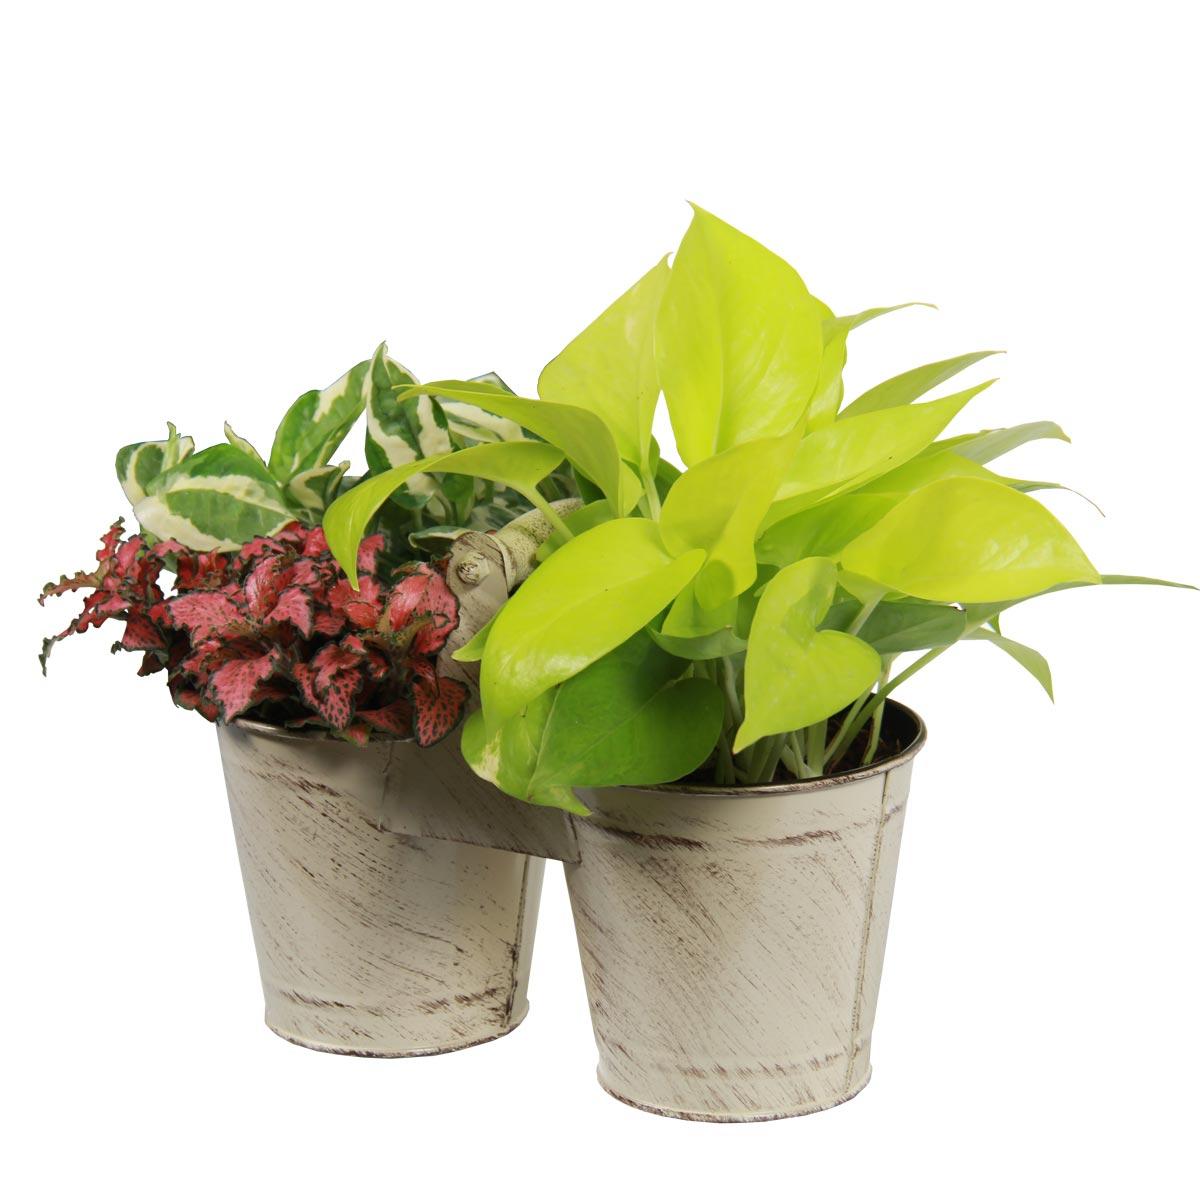 PS1701 Tropical Harvest plants